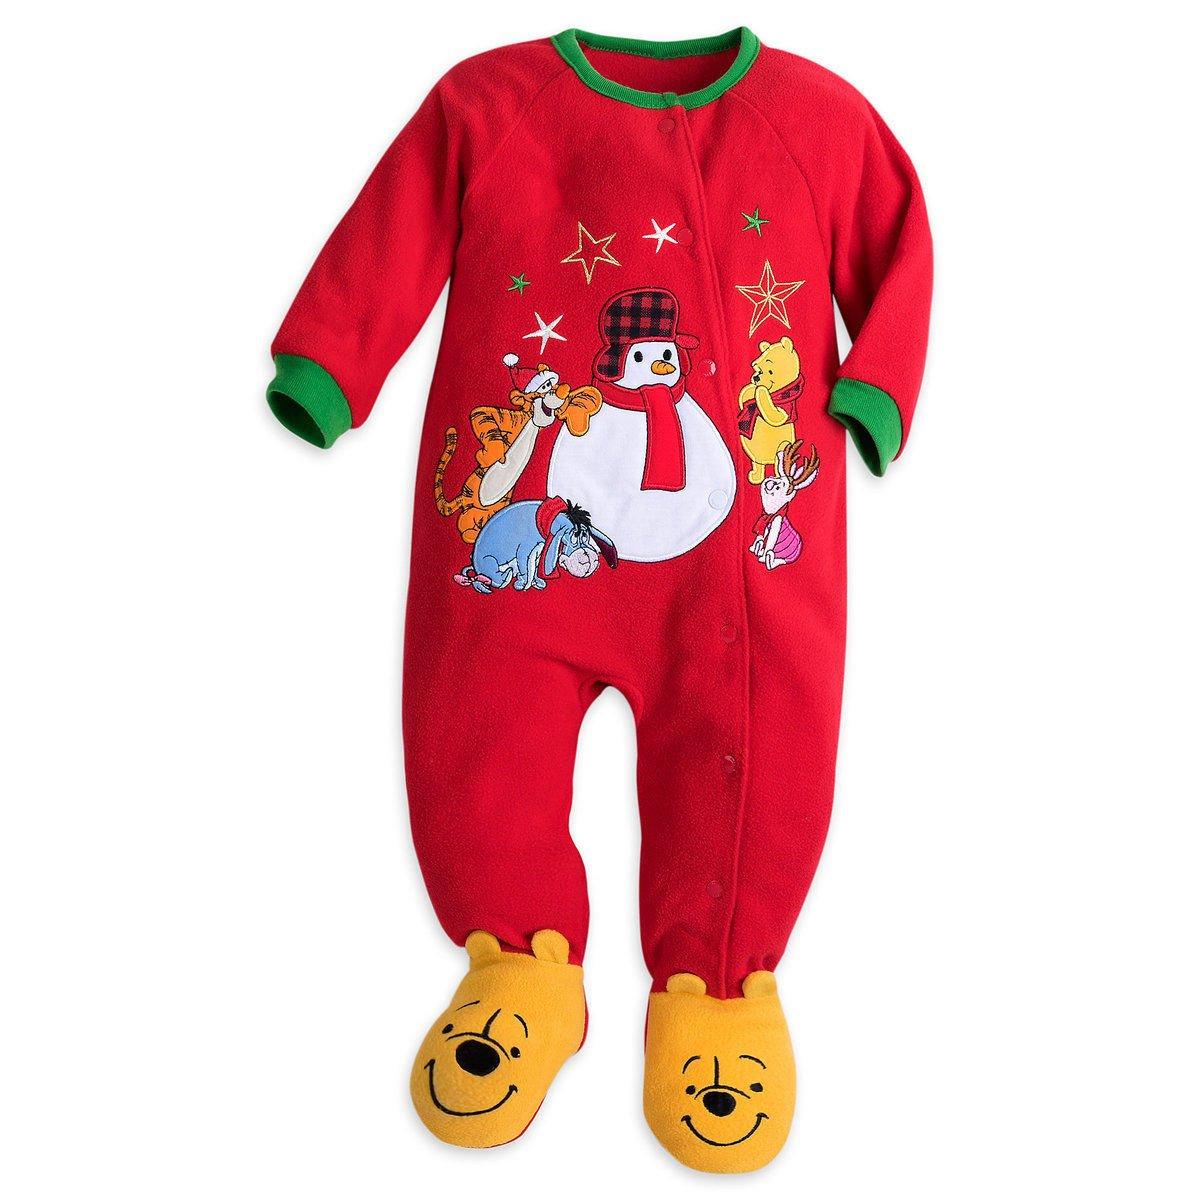 おすすめネット Disney Store PJ Pals SLEEPWEAR Store ベビーガールズ ユニセックスベビー 6 6 B07DHQX8QG - 9 Months B07DHQX8QG, calendar-world:b49e4291 --- a0267596.xsph.ru